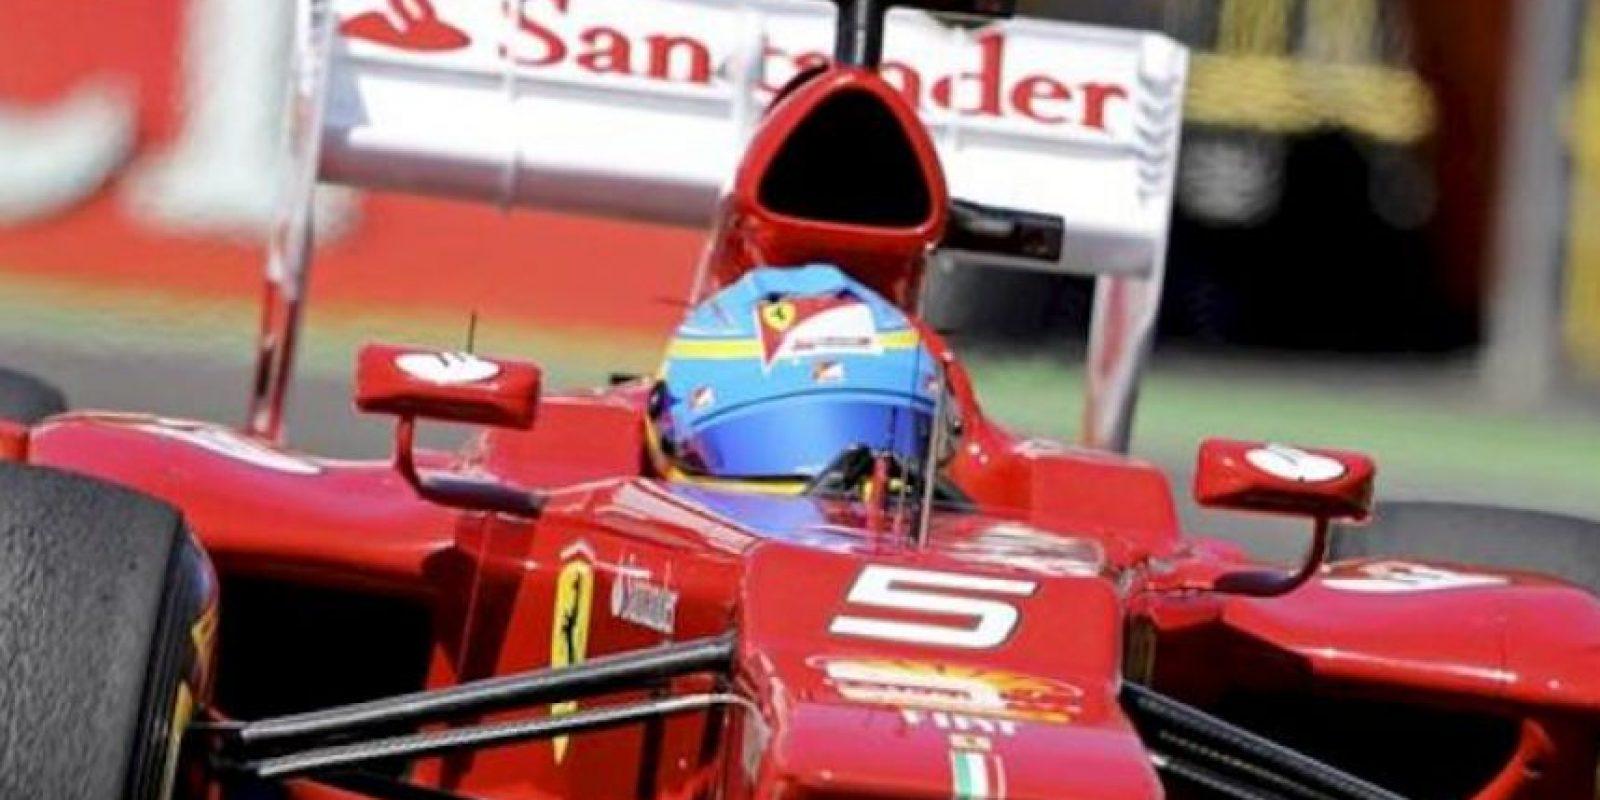 El piloto español Fernando Alonso (Ferrari) durante la tercera y última sesión de entrenamientos libres en la mañana de hoy, 23 de junio de 2012, en el circuito urbano de Valencia, donde mañana se disputará el Gran Premio de Europa de Fórmula Uno. EFE